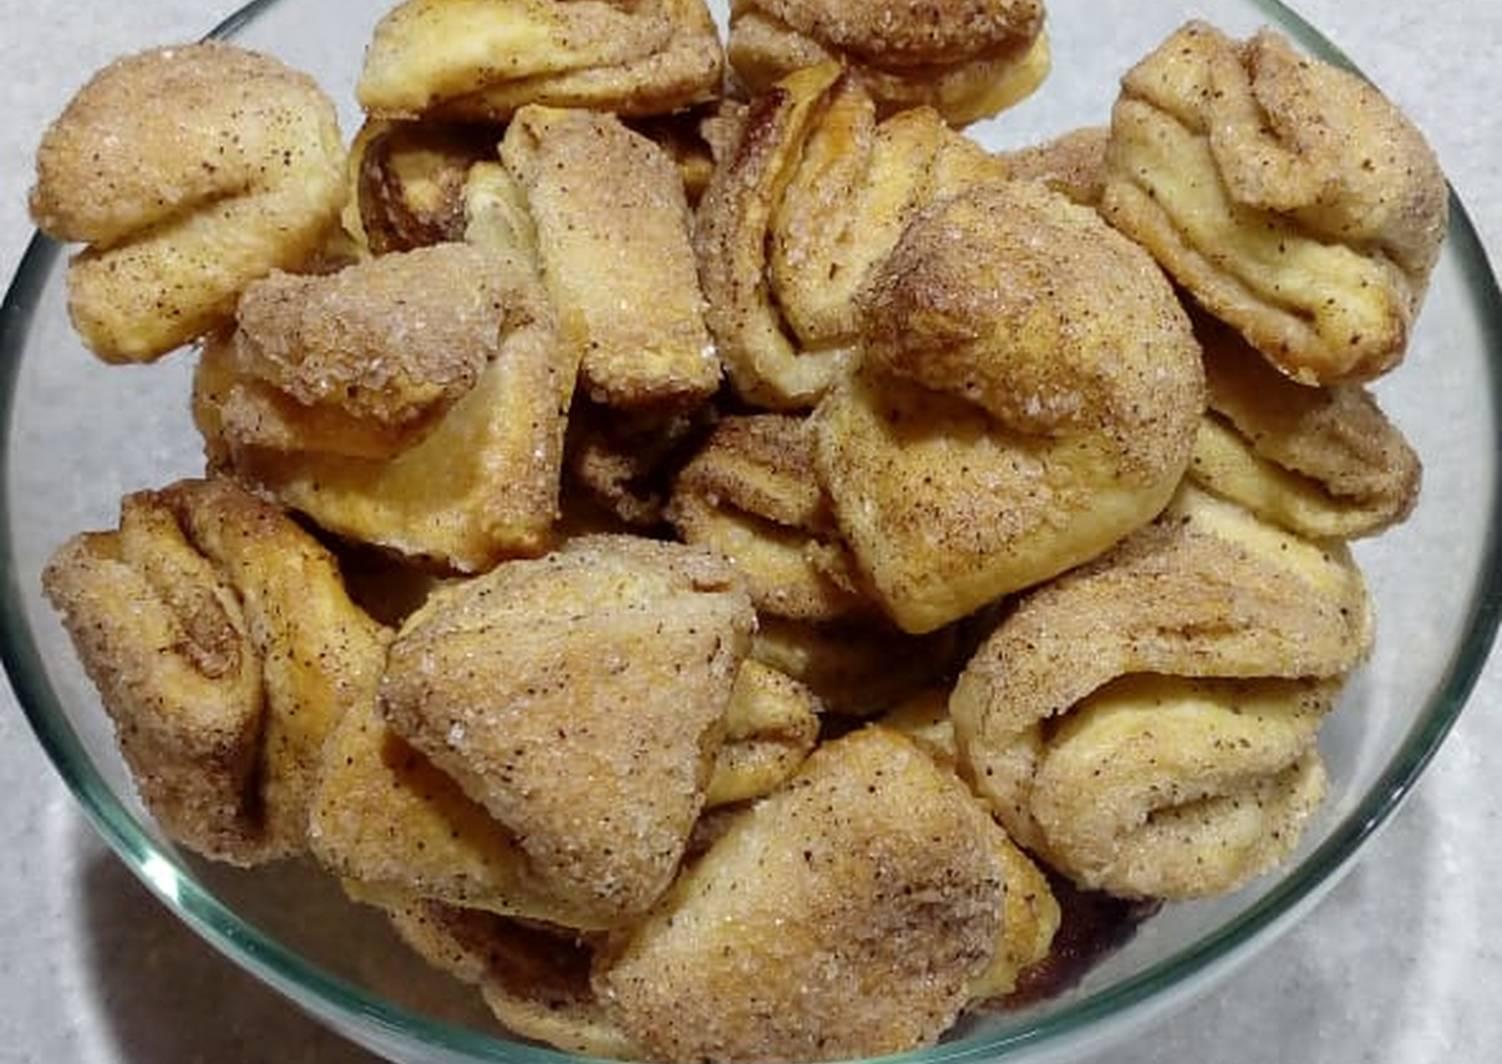 Печенье (более 100 рецептов с фото) - рецепты с фотографиями на поварёнок.ру